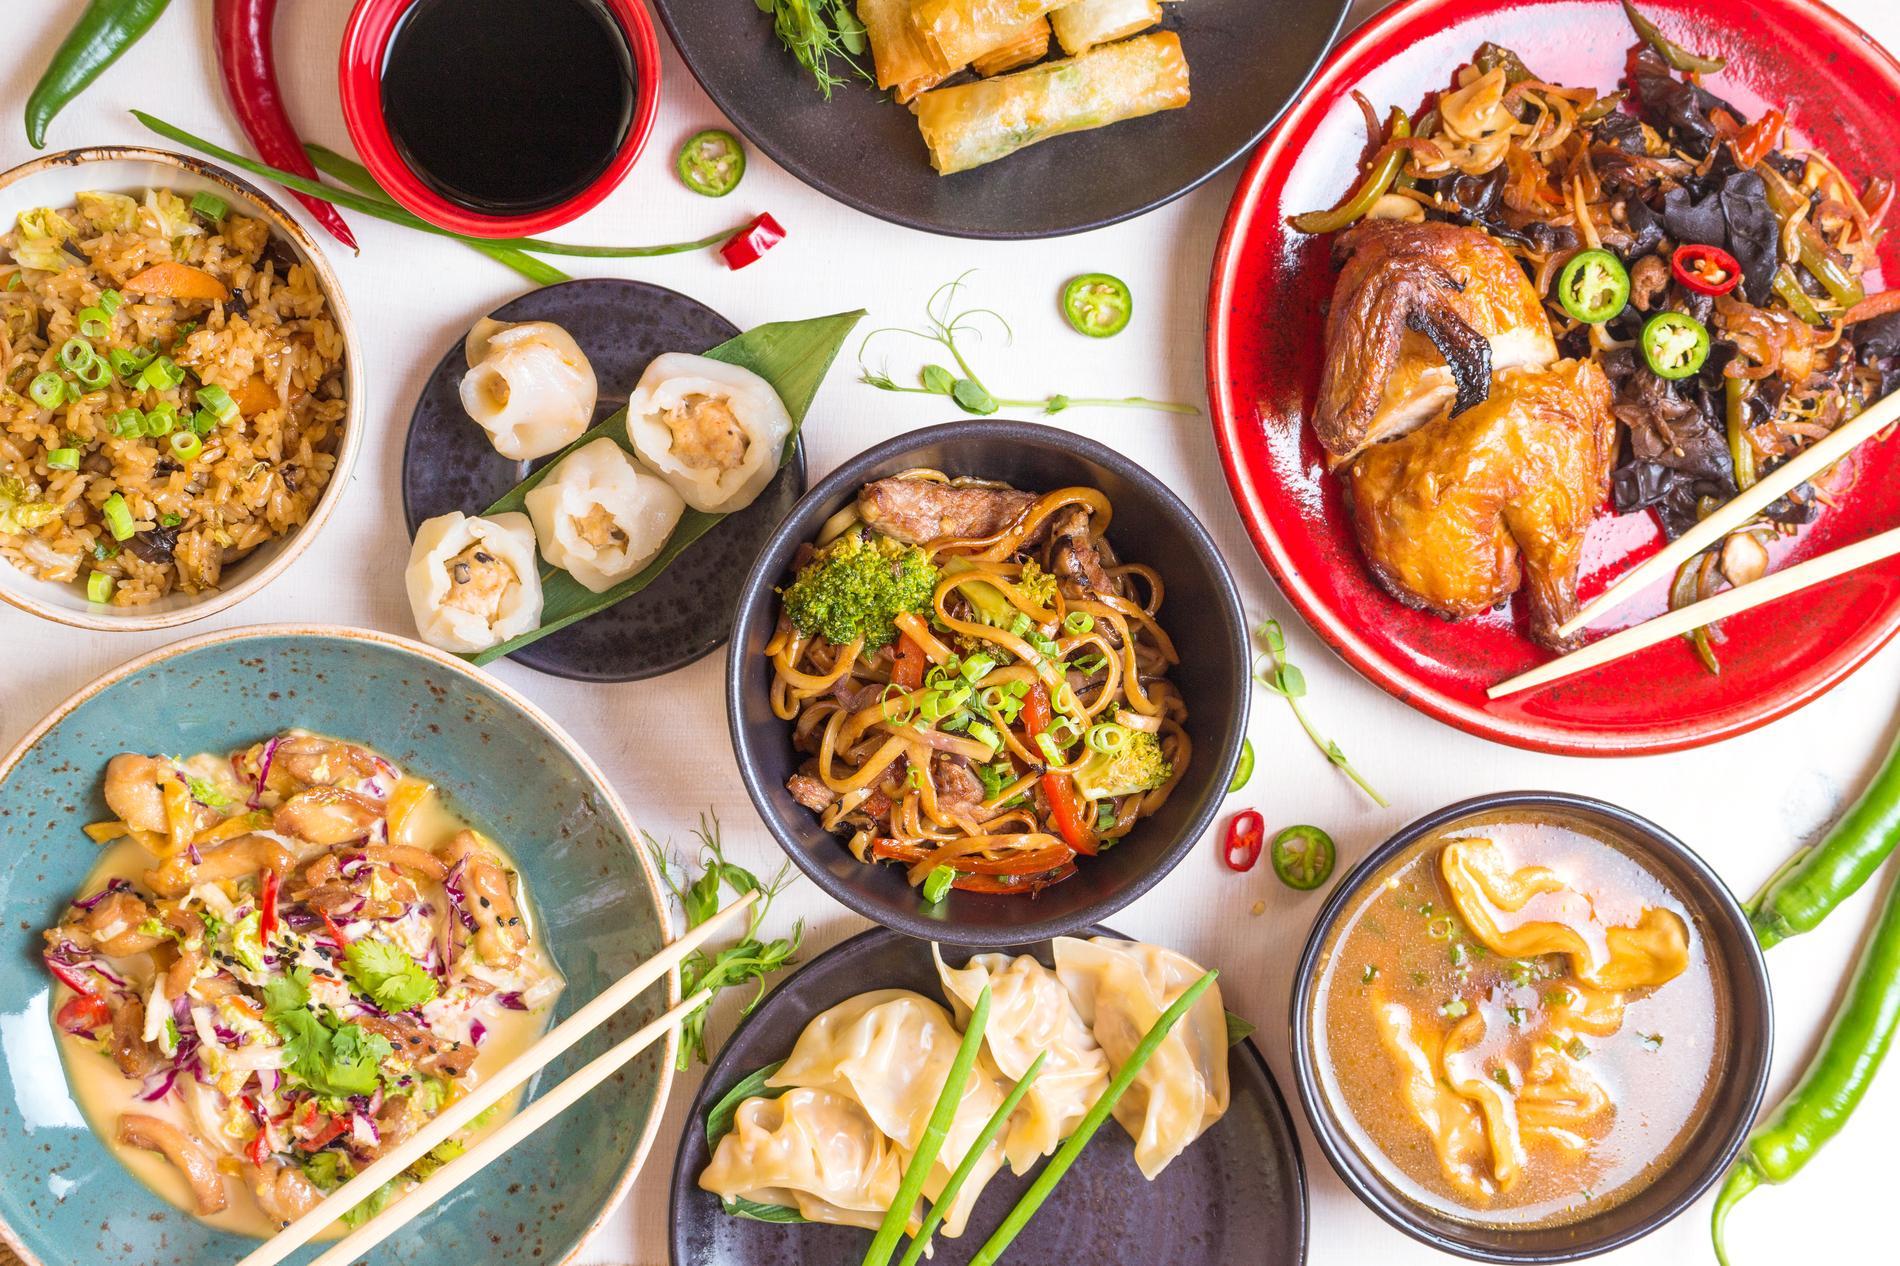 Recettes cuisine asiatique  Recettes faciles et rapides   Cuisine ...